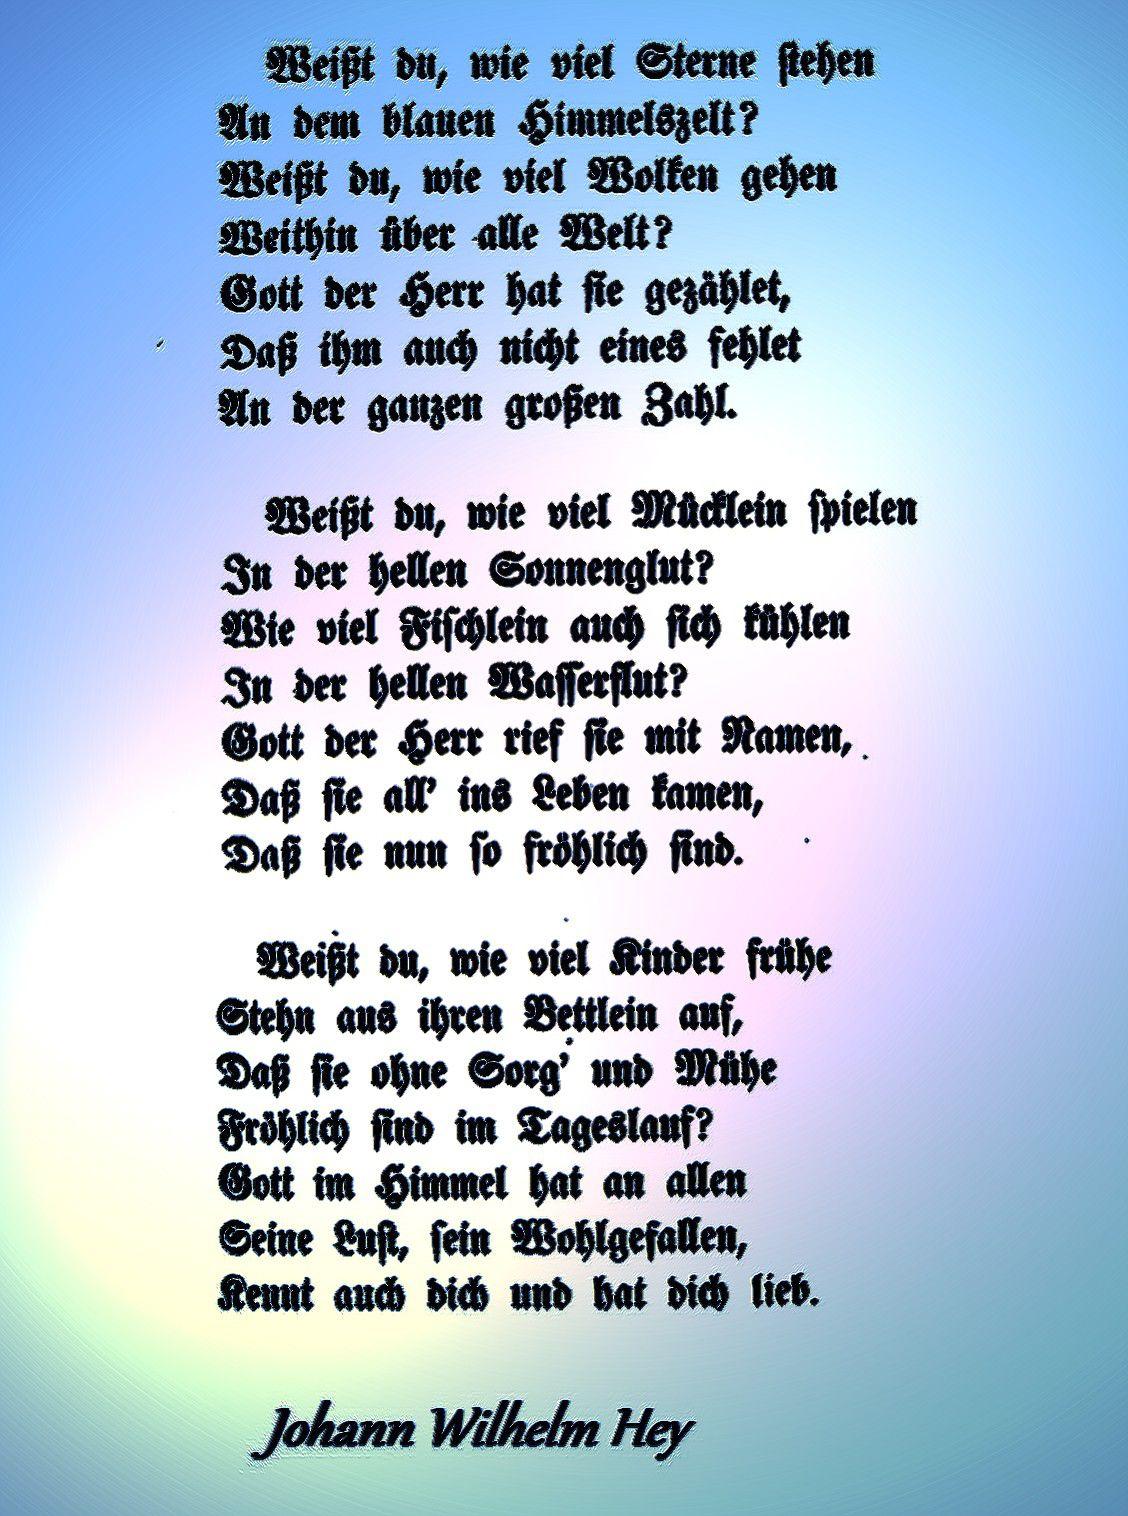 Johann Wilhelm Hey